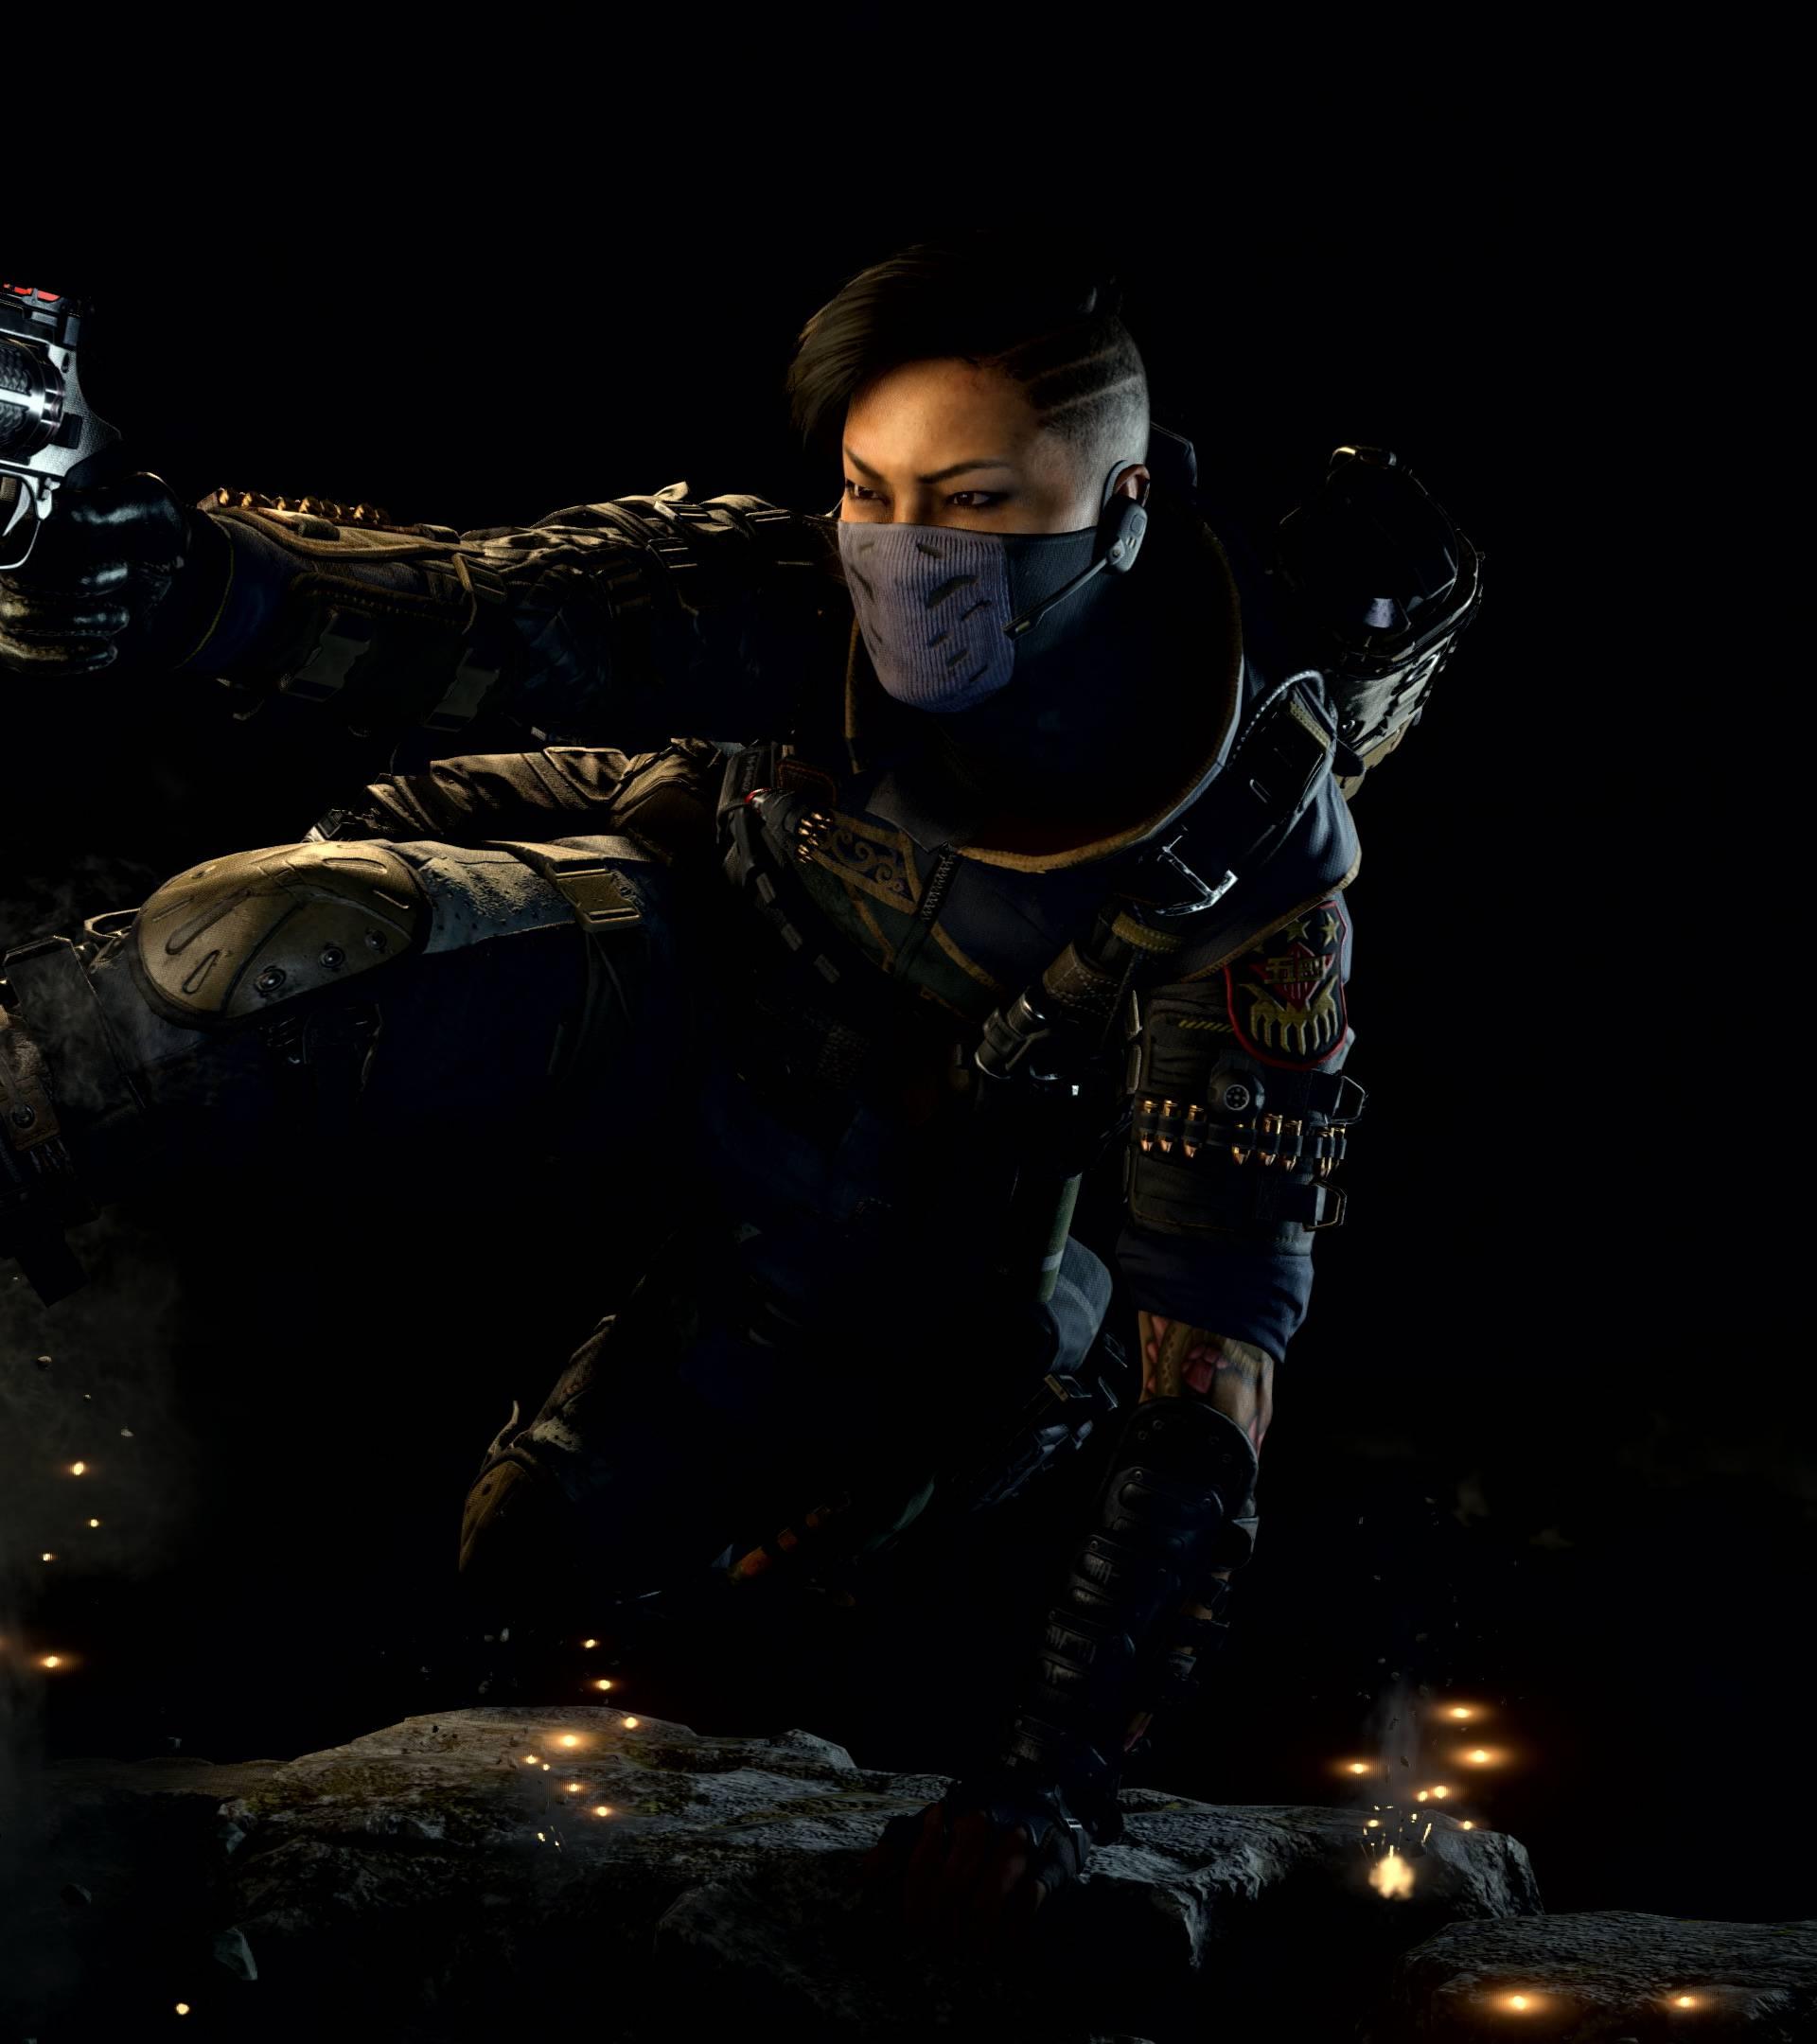 Zaokret za Call of Duty: Black Ops 4 udara na slavni Fortnite